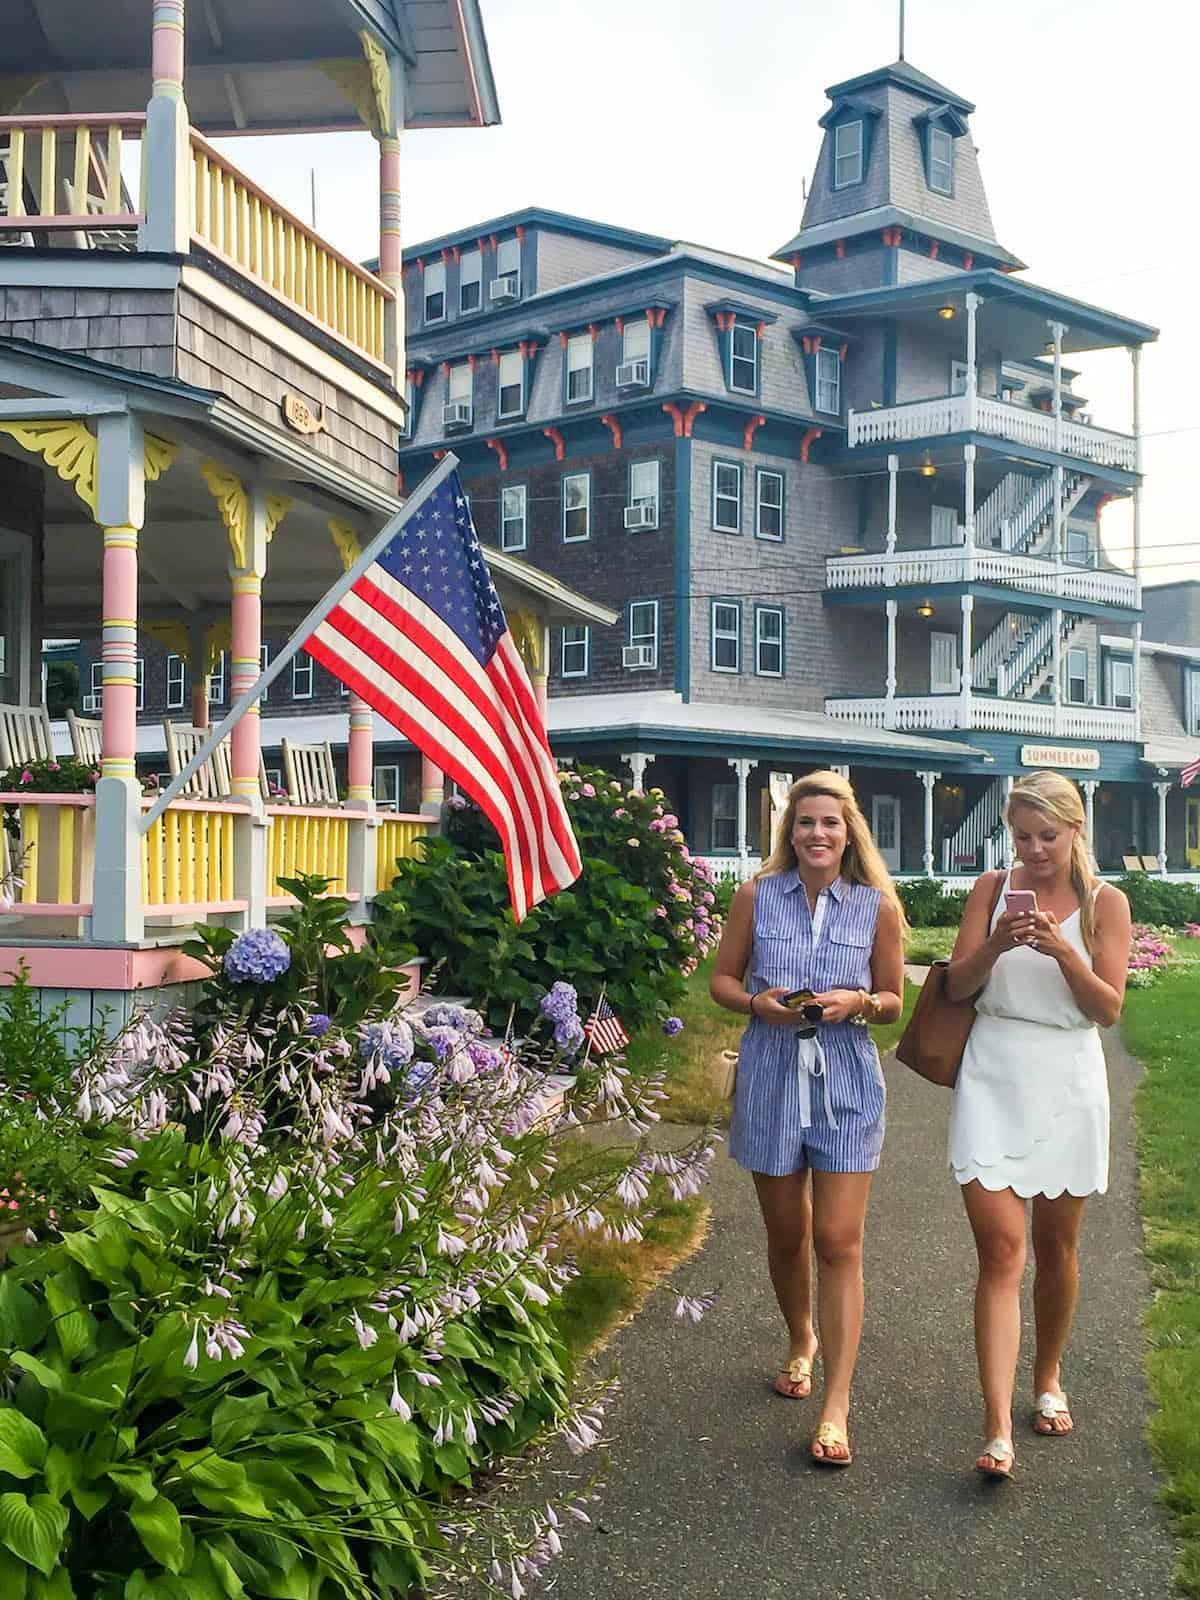 Summercamp Hotel Marthas Vineyard